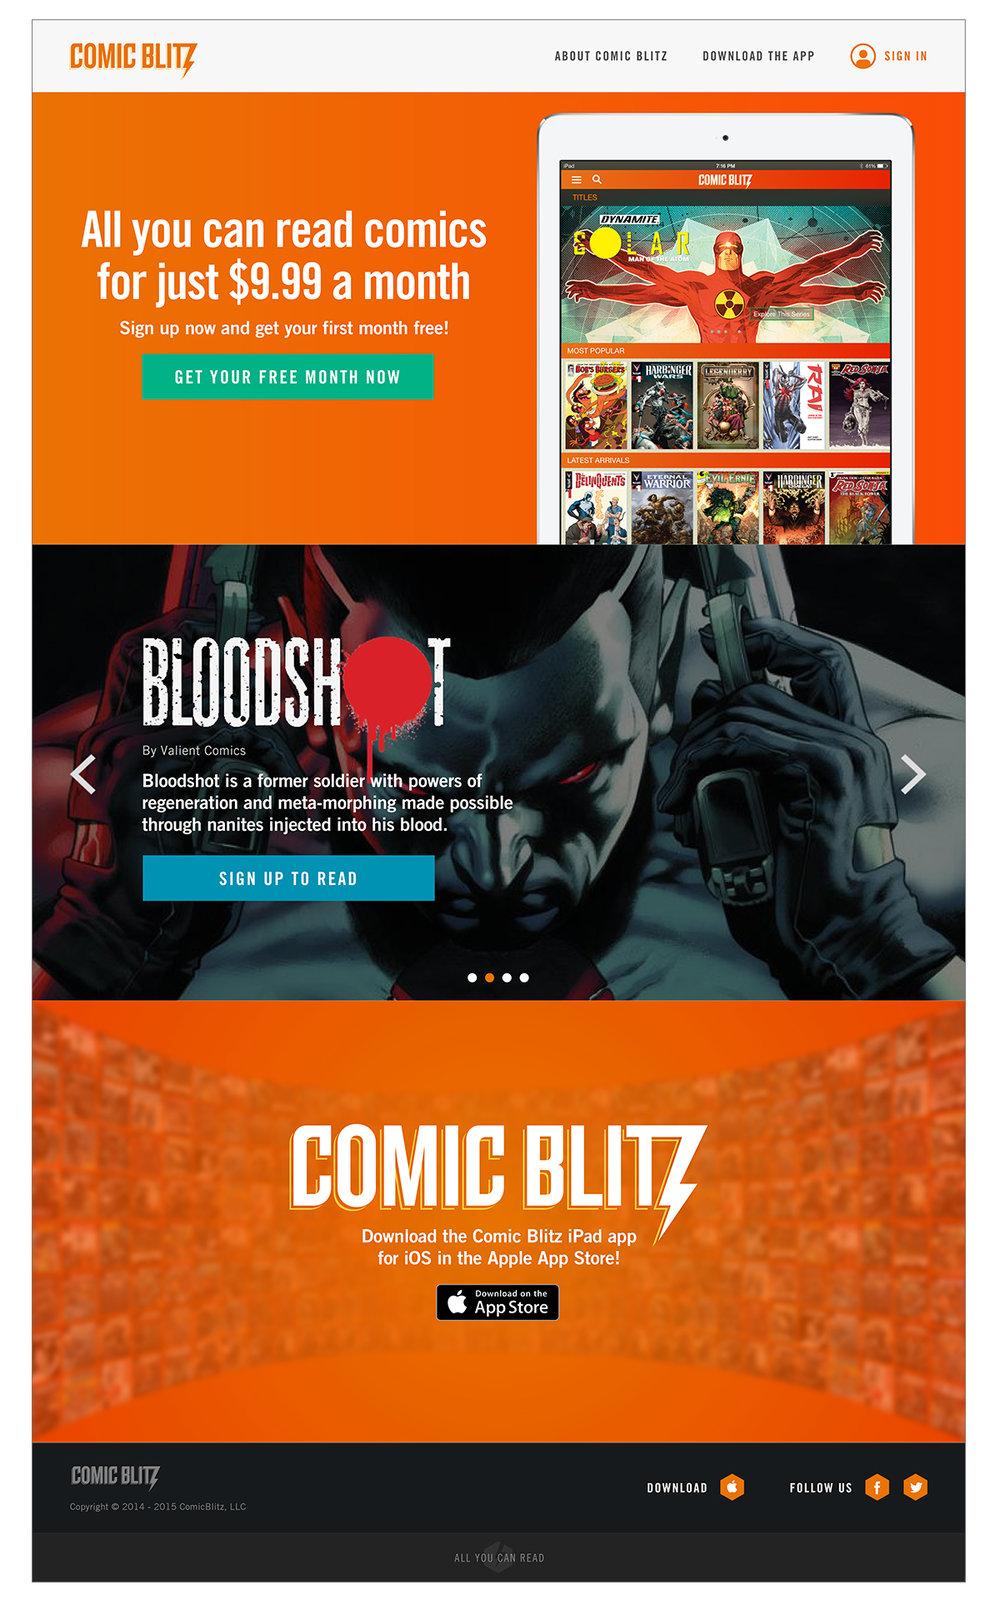 comic-blitz-02.jpg